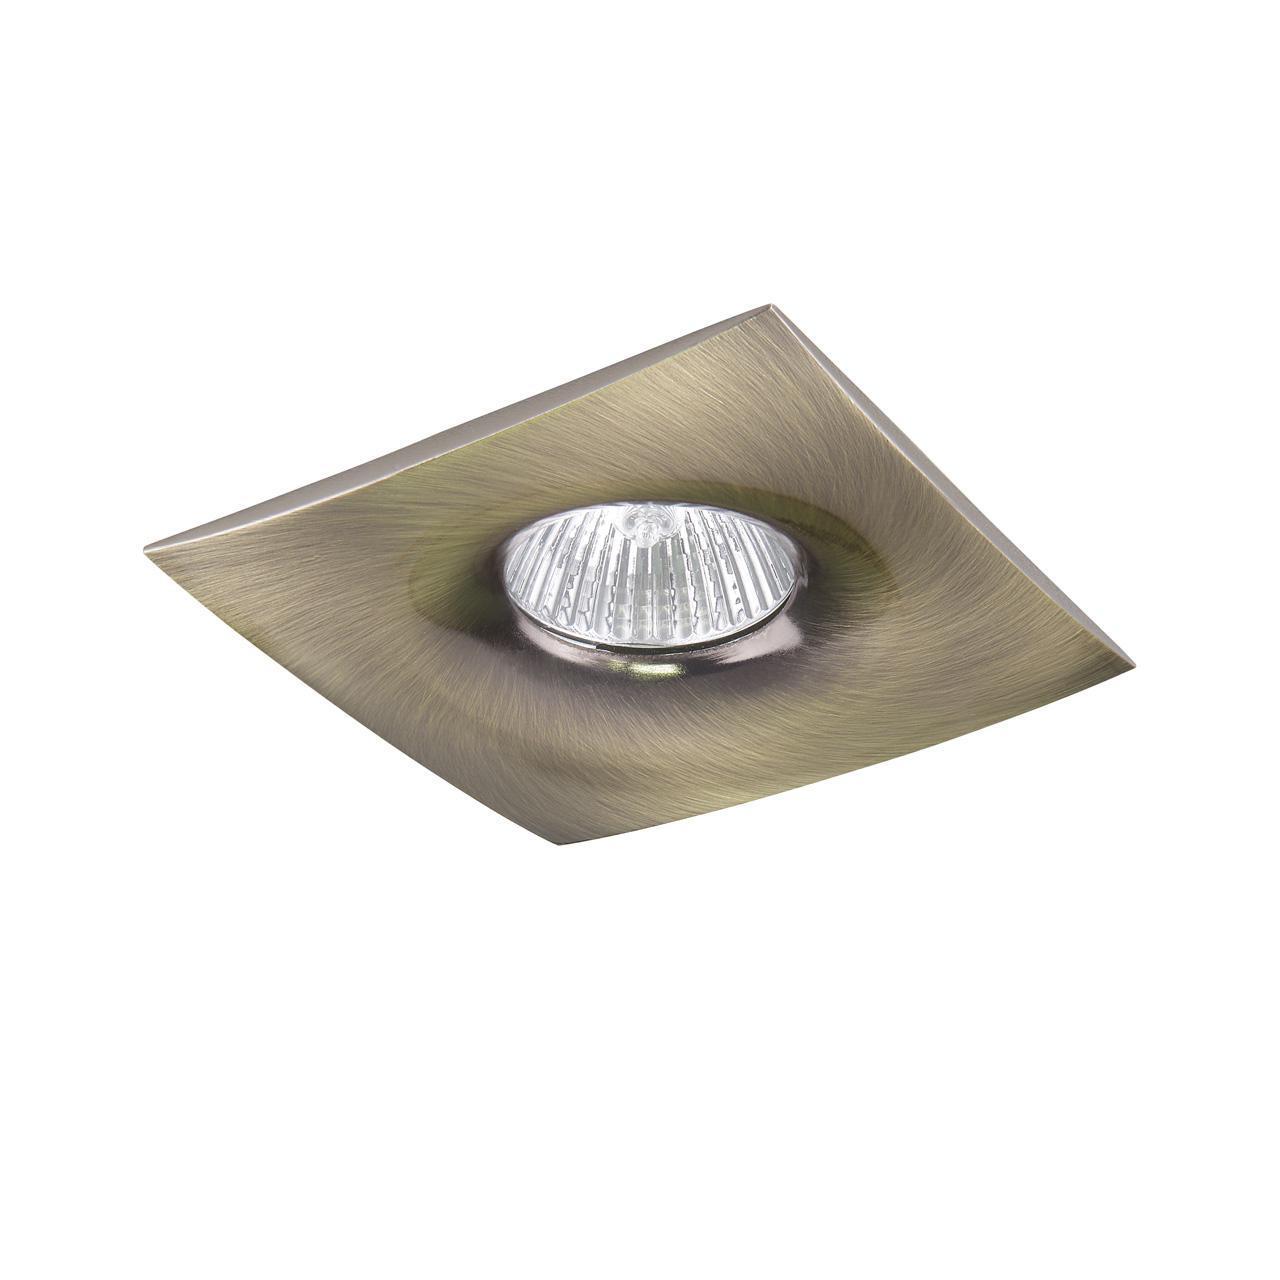 купить Встраиваемый светильник Lightstar Levigo Q 010031 по цене 637 рублей